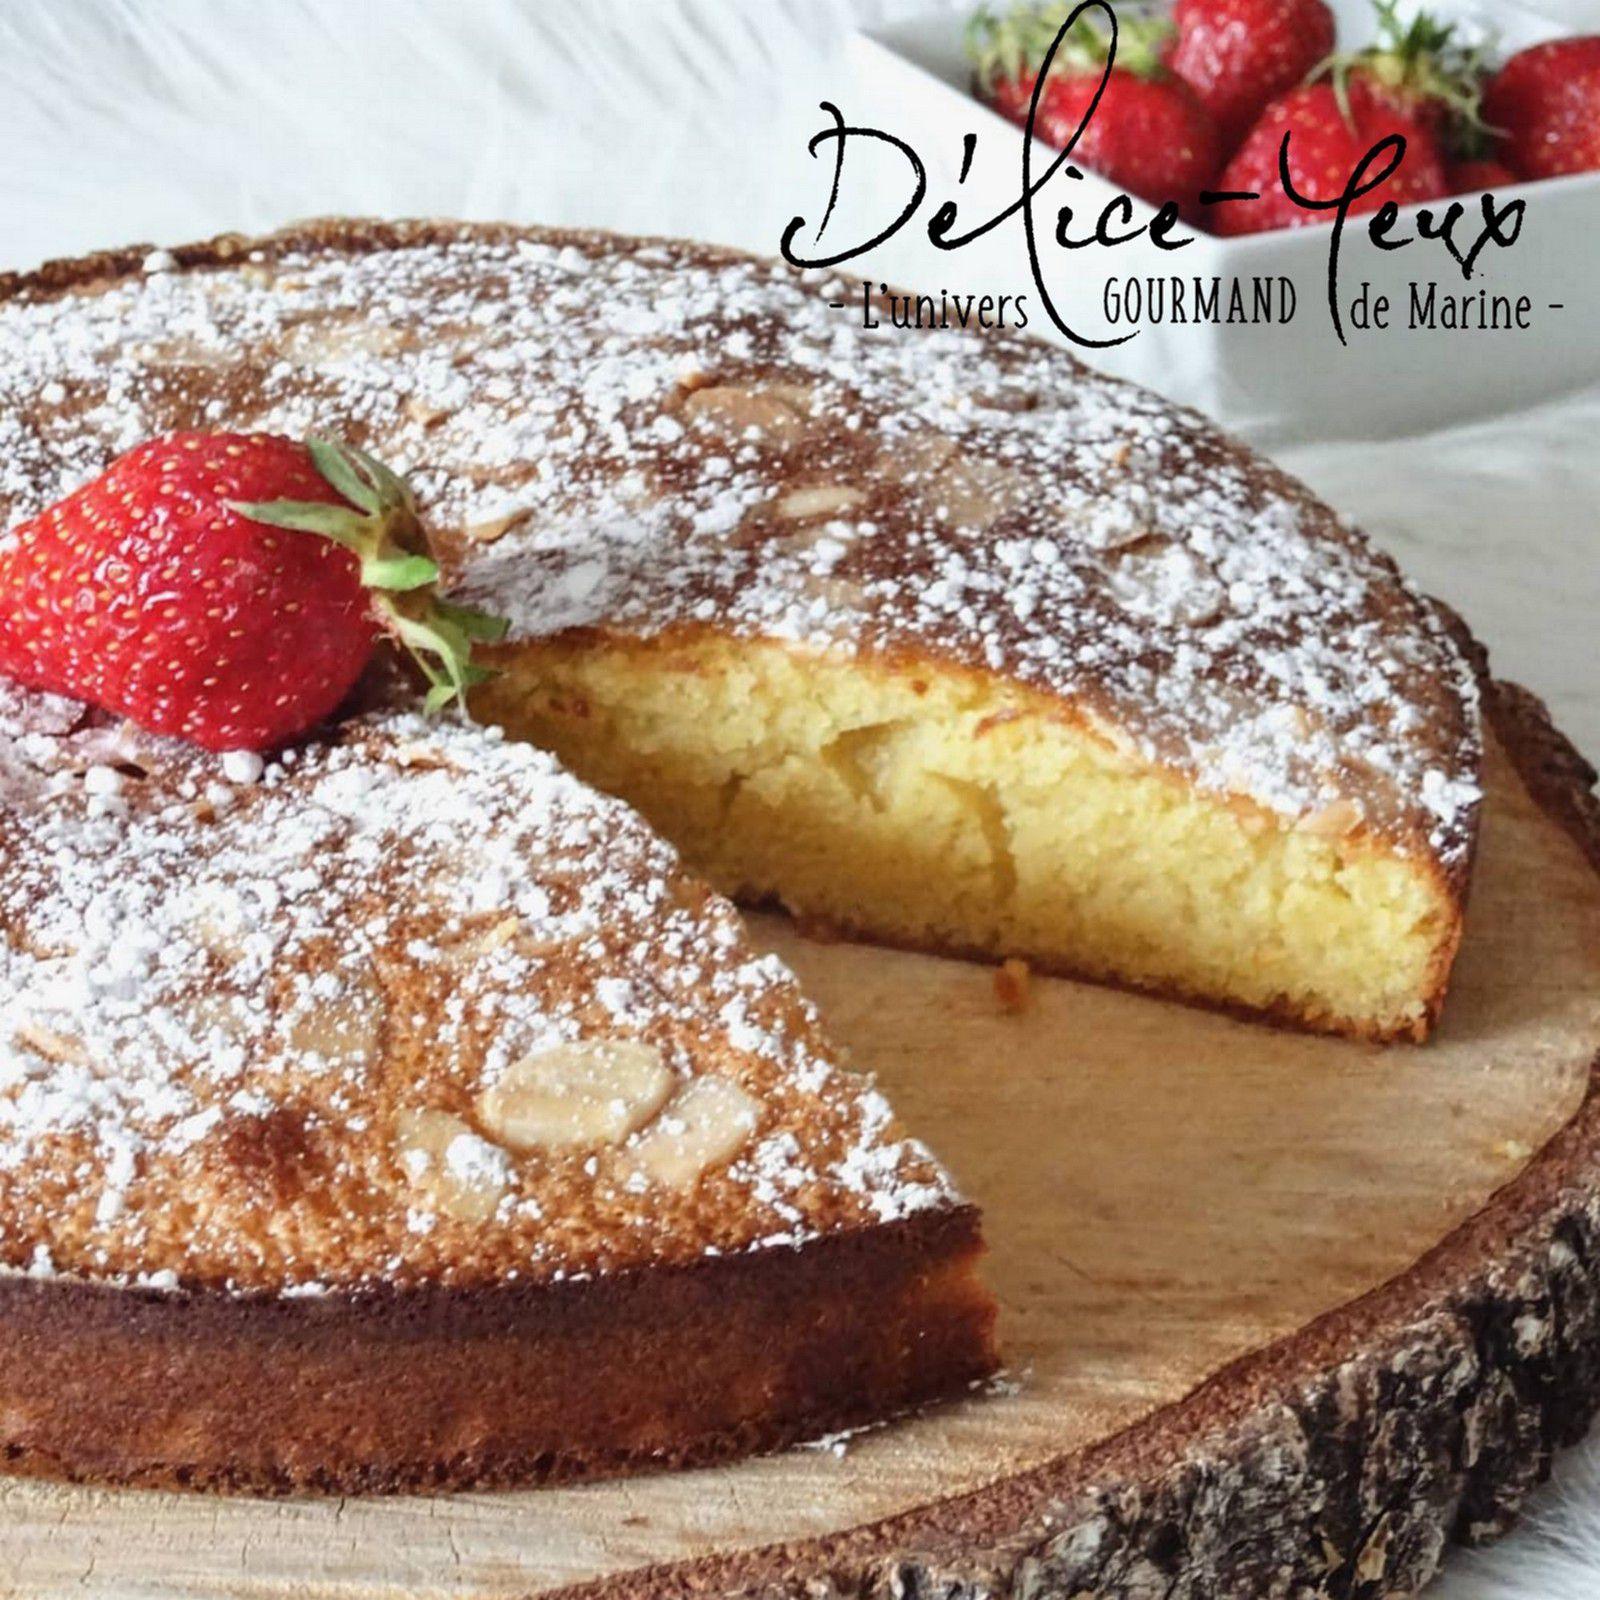 Le Namandier - Gâteau aux amandes